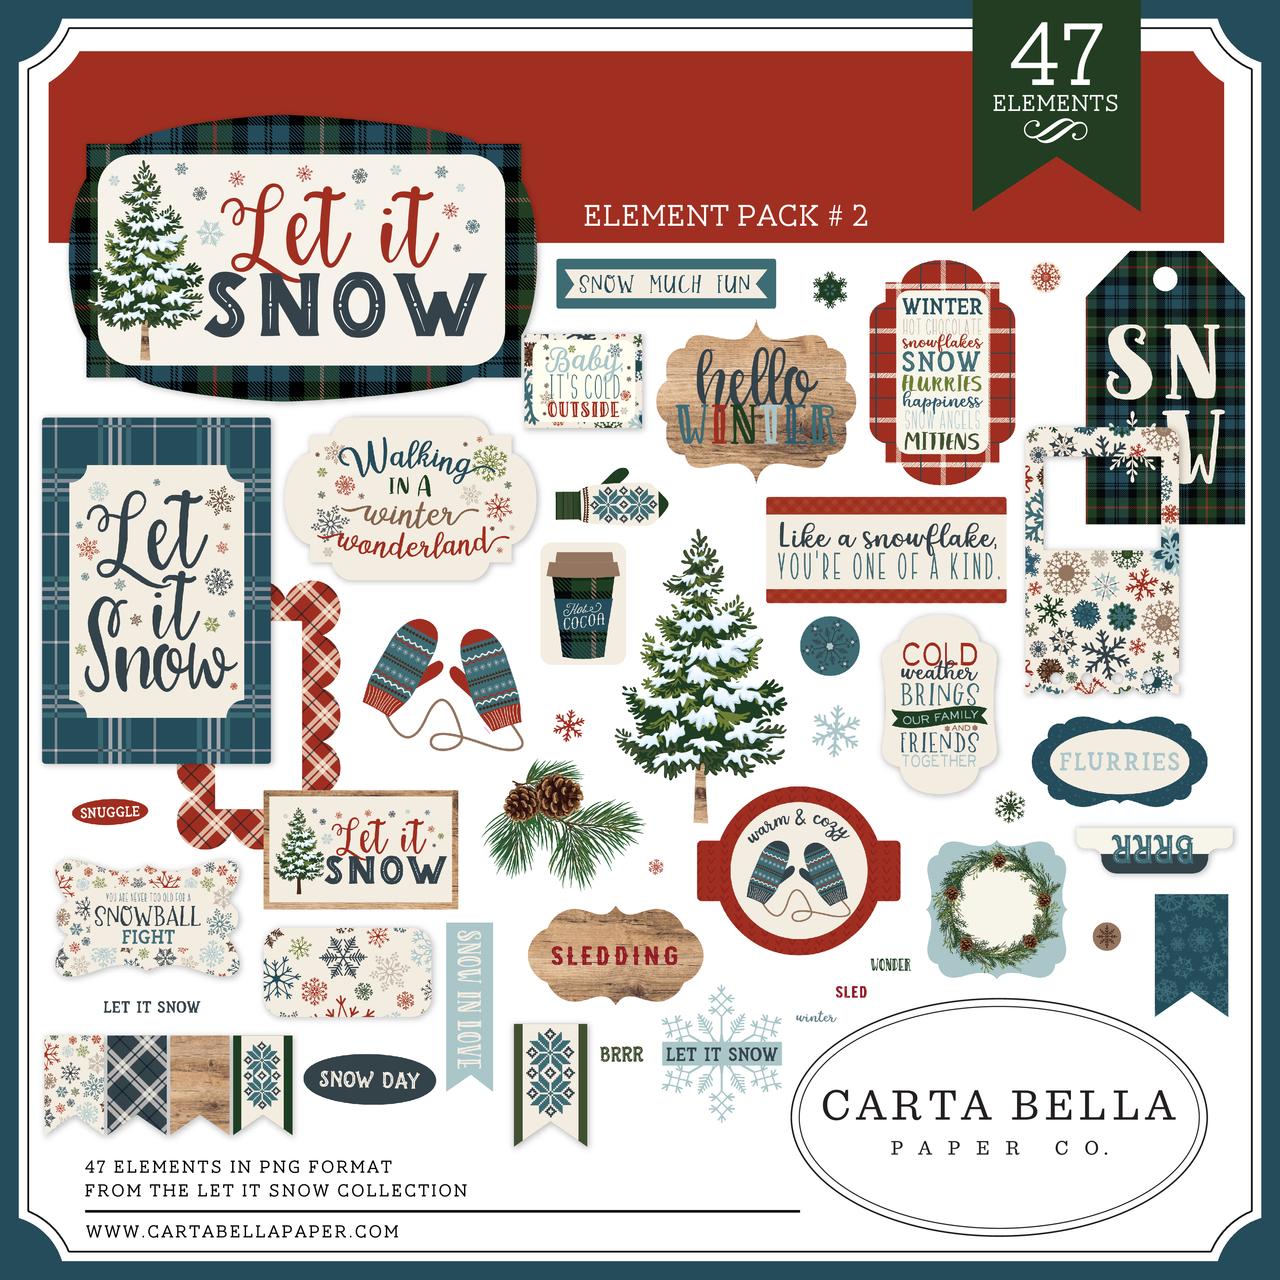 Let It Snow Element Pack #2